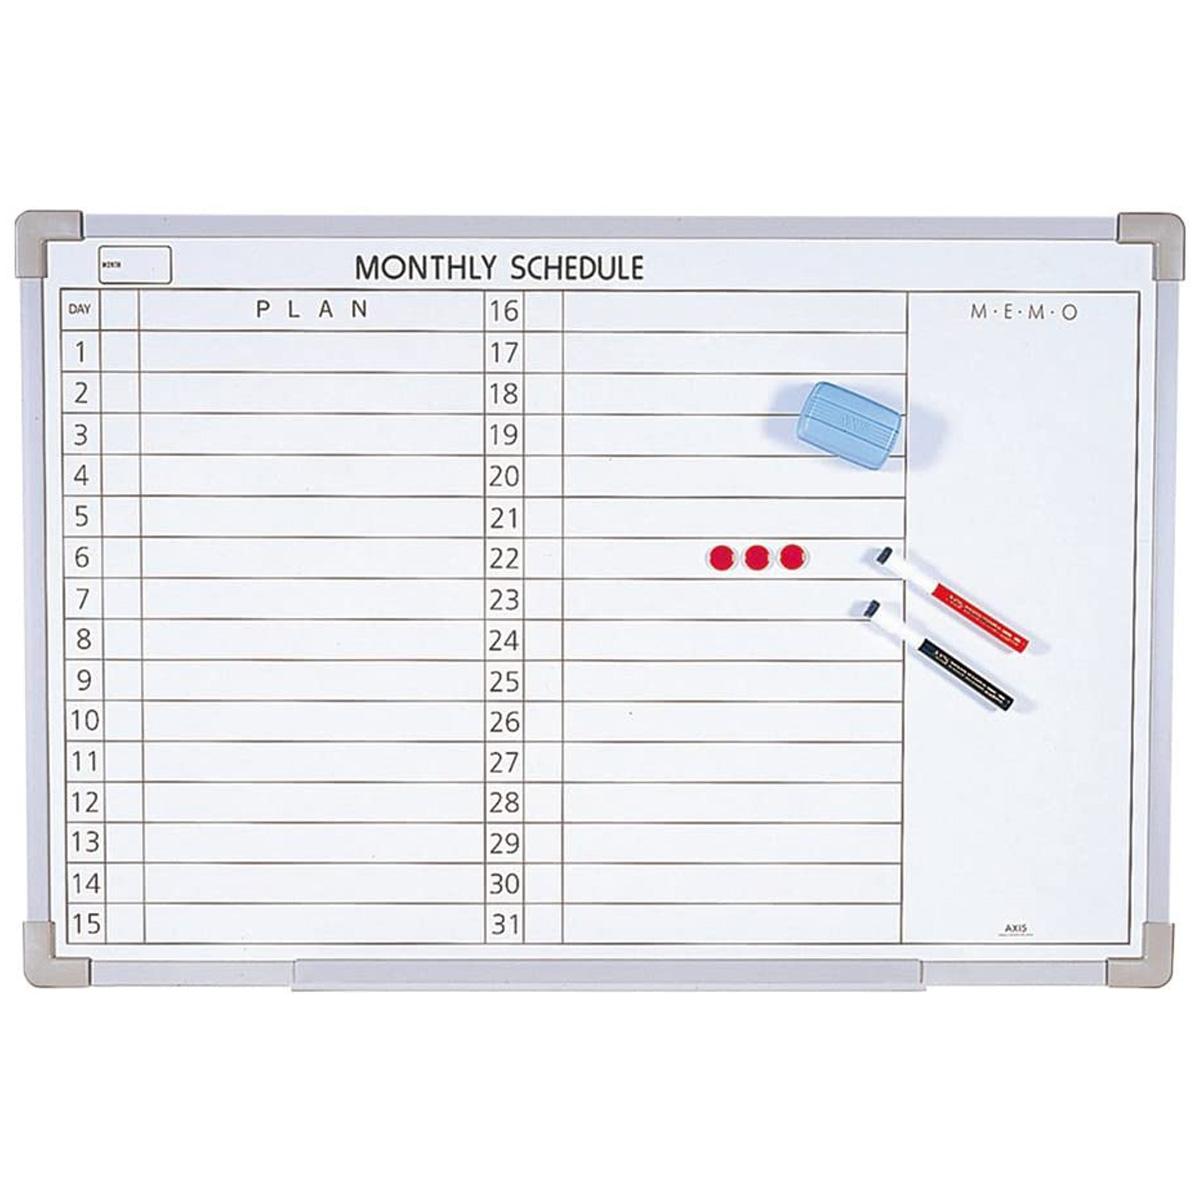 スケジュールボード LL 横書き スケュジュール管理 オフィス お店 ボード デビカ